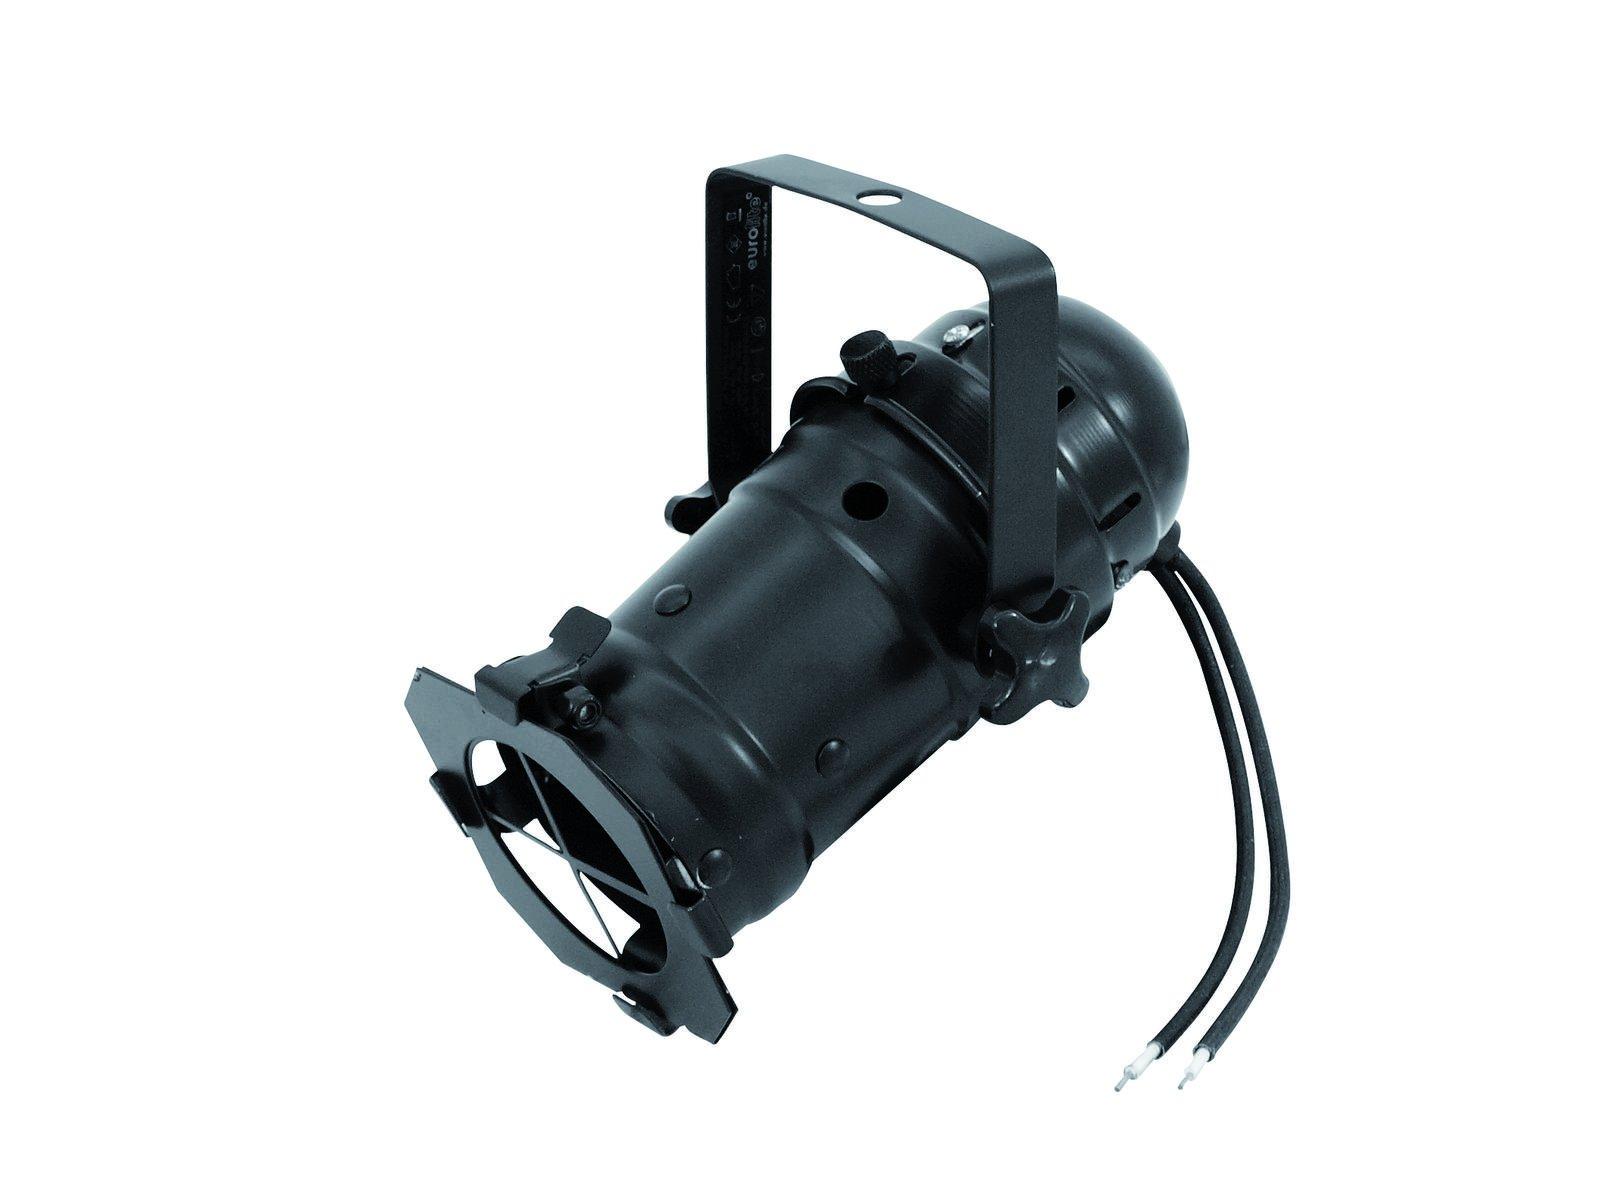 Projecteur PAR 16 noir EUROLITE sans alimentation Pour lampe gu5.3